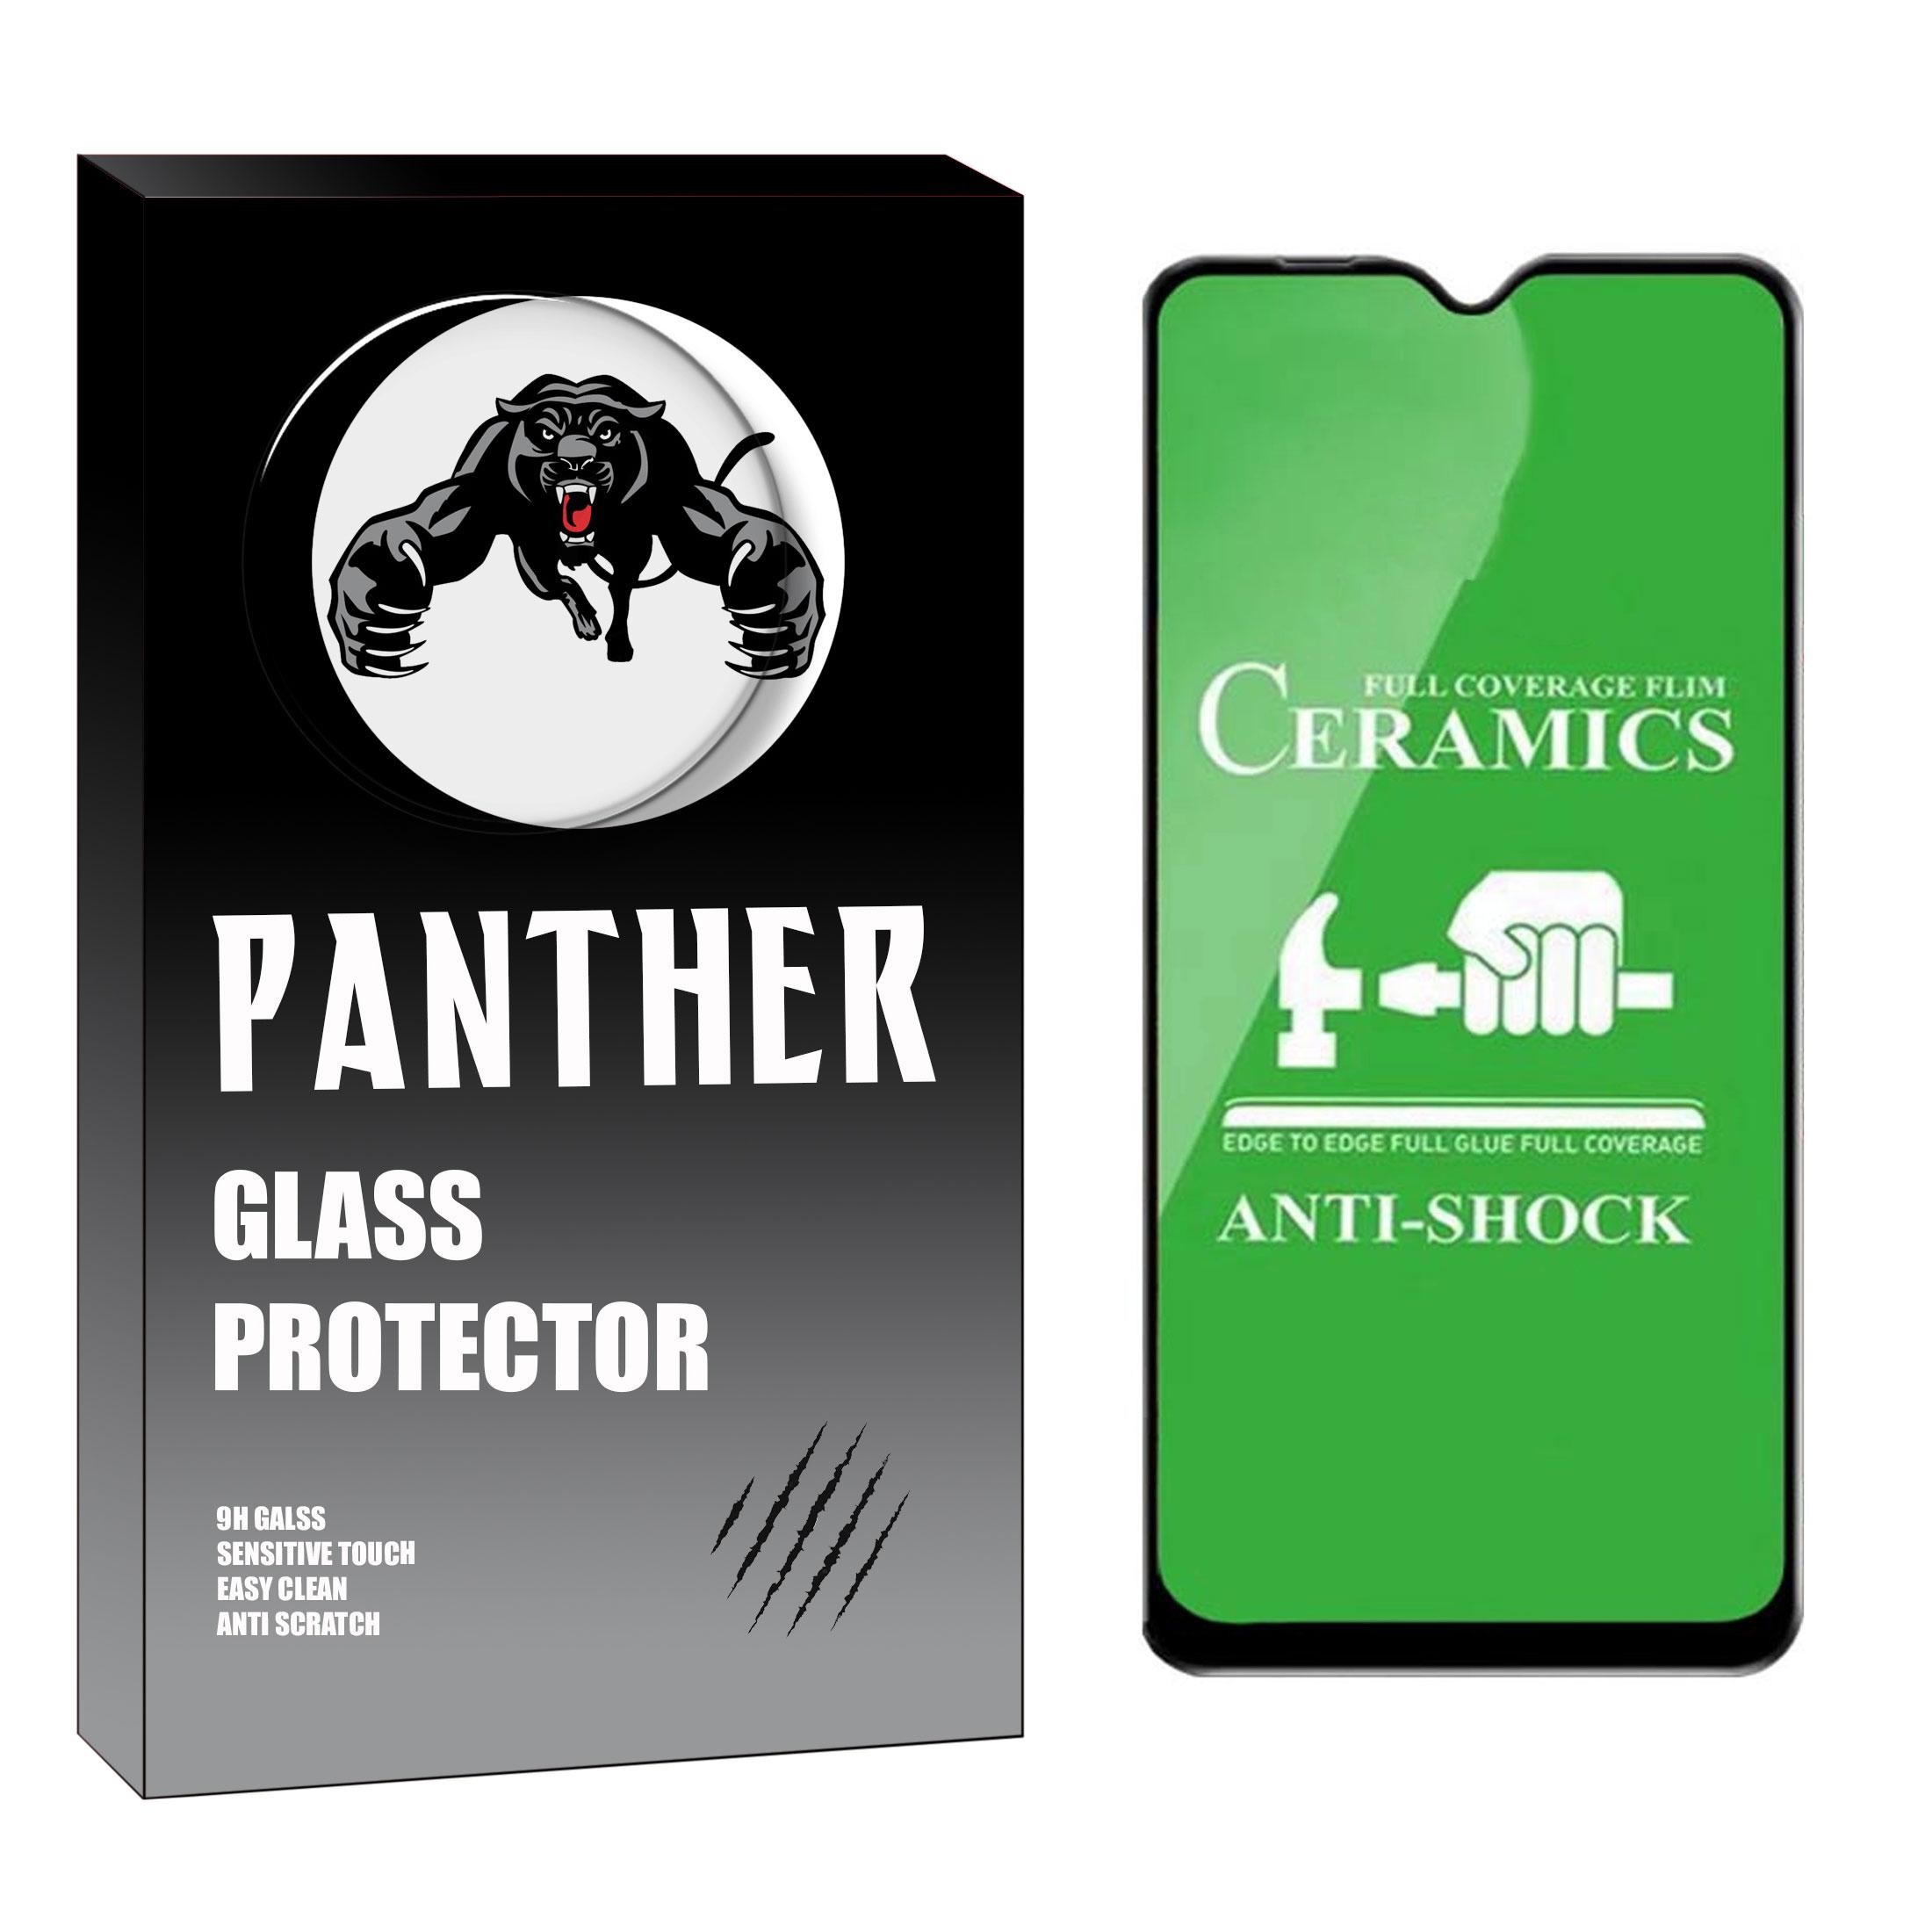 محافظ صفحه نمایش نانو پنتر مدل PCER-02 مناسب برای گوشی موبایل سامسونگ Galaxy M20